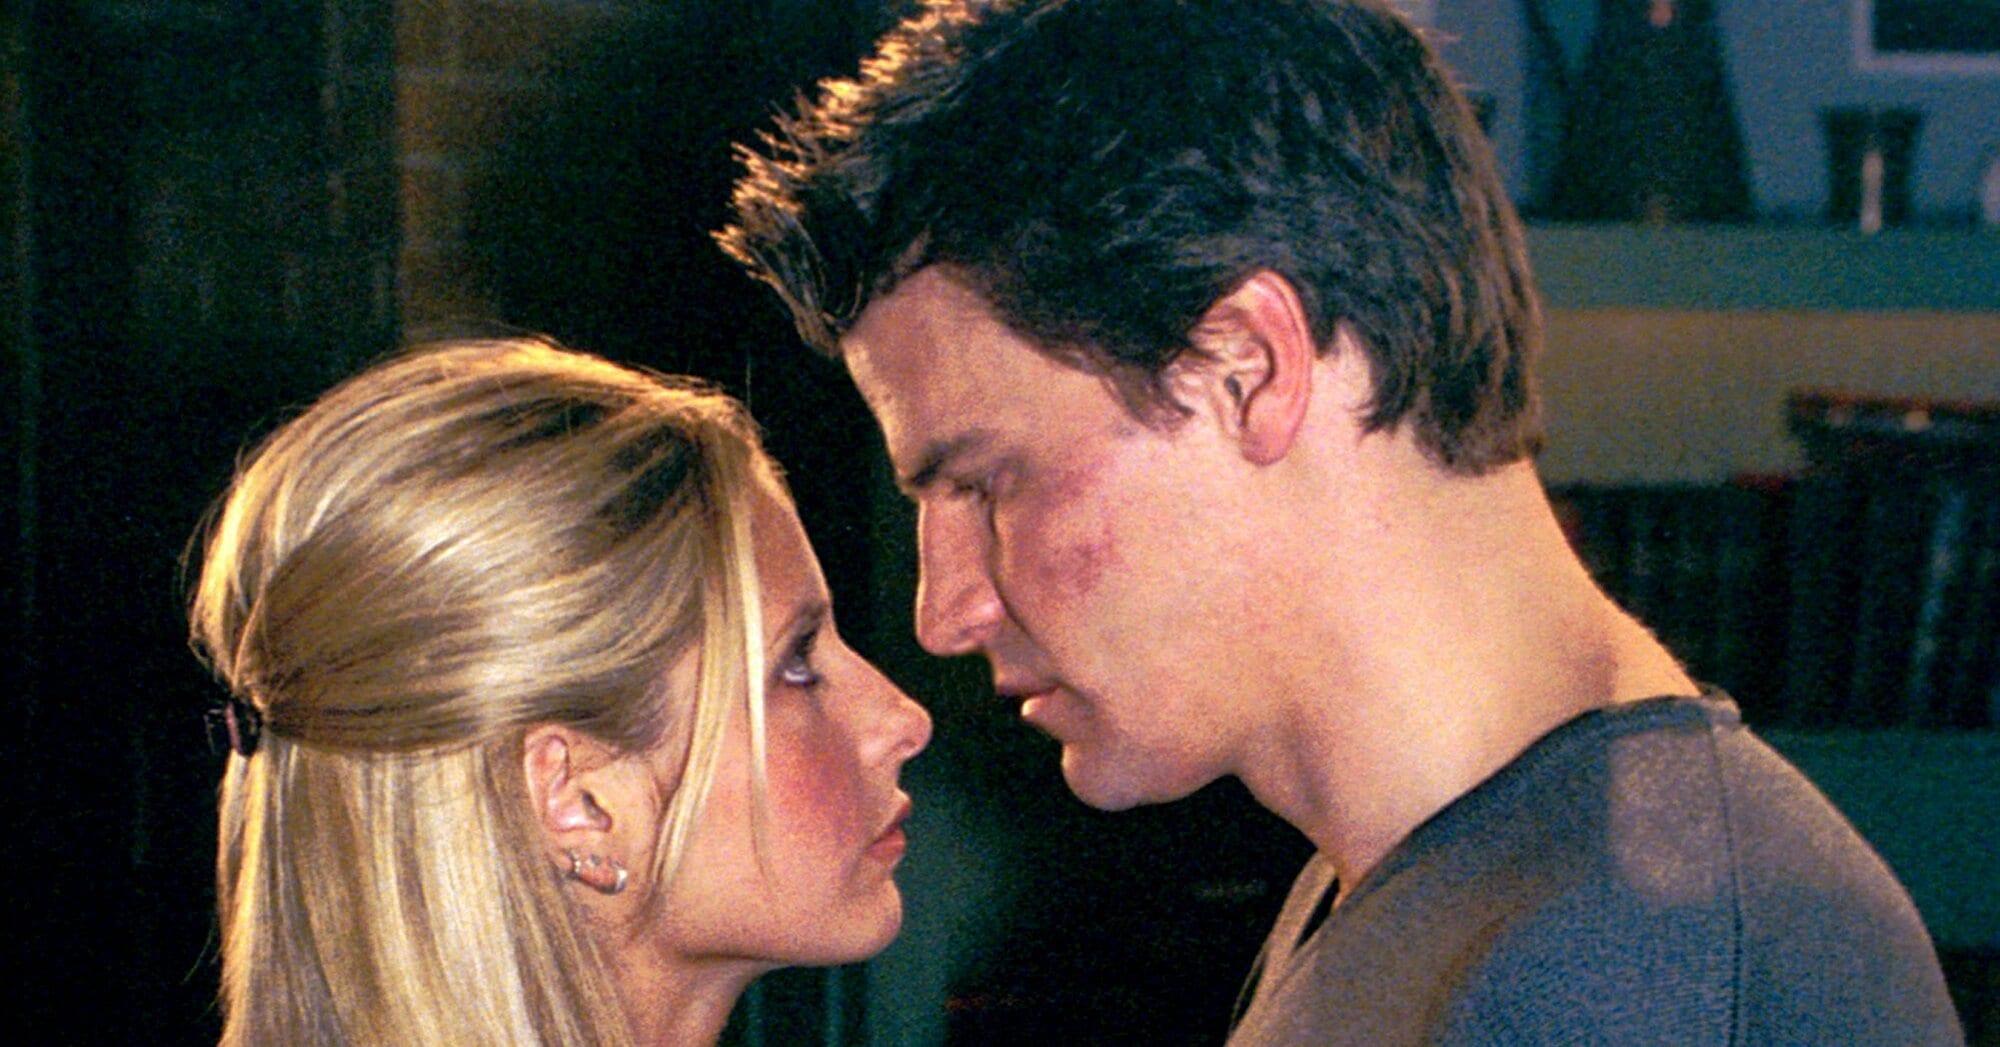 Buffy apparterrà sempre ad Angel, secondo l'attore David Boreanaz